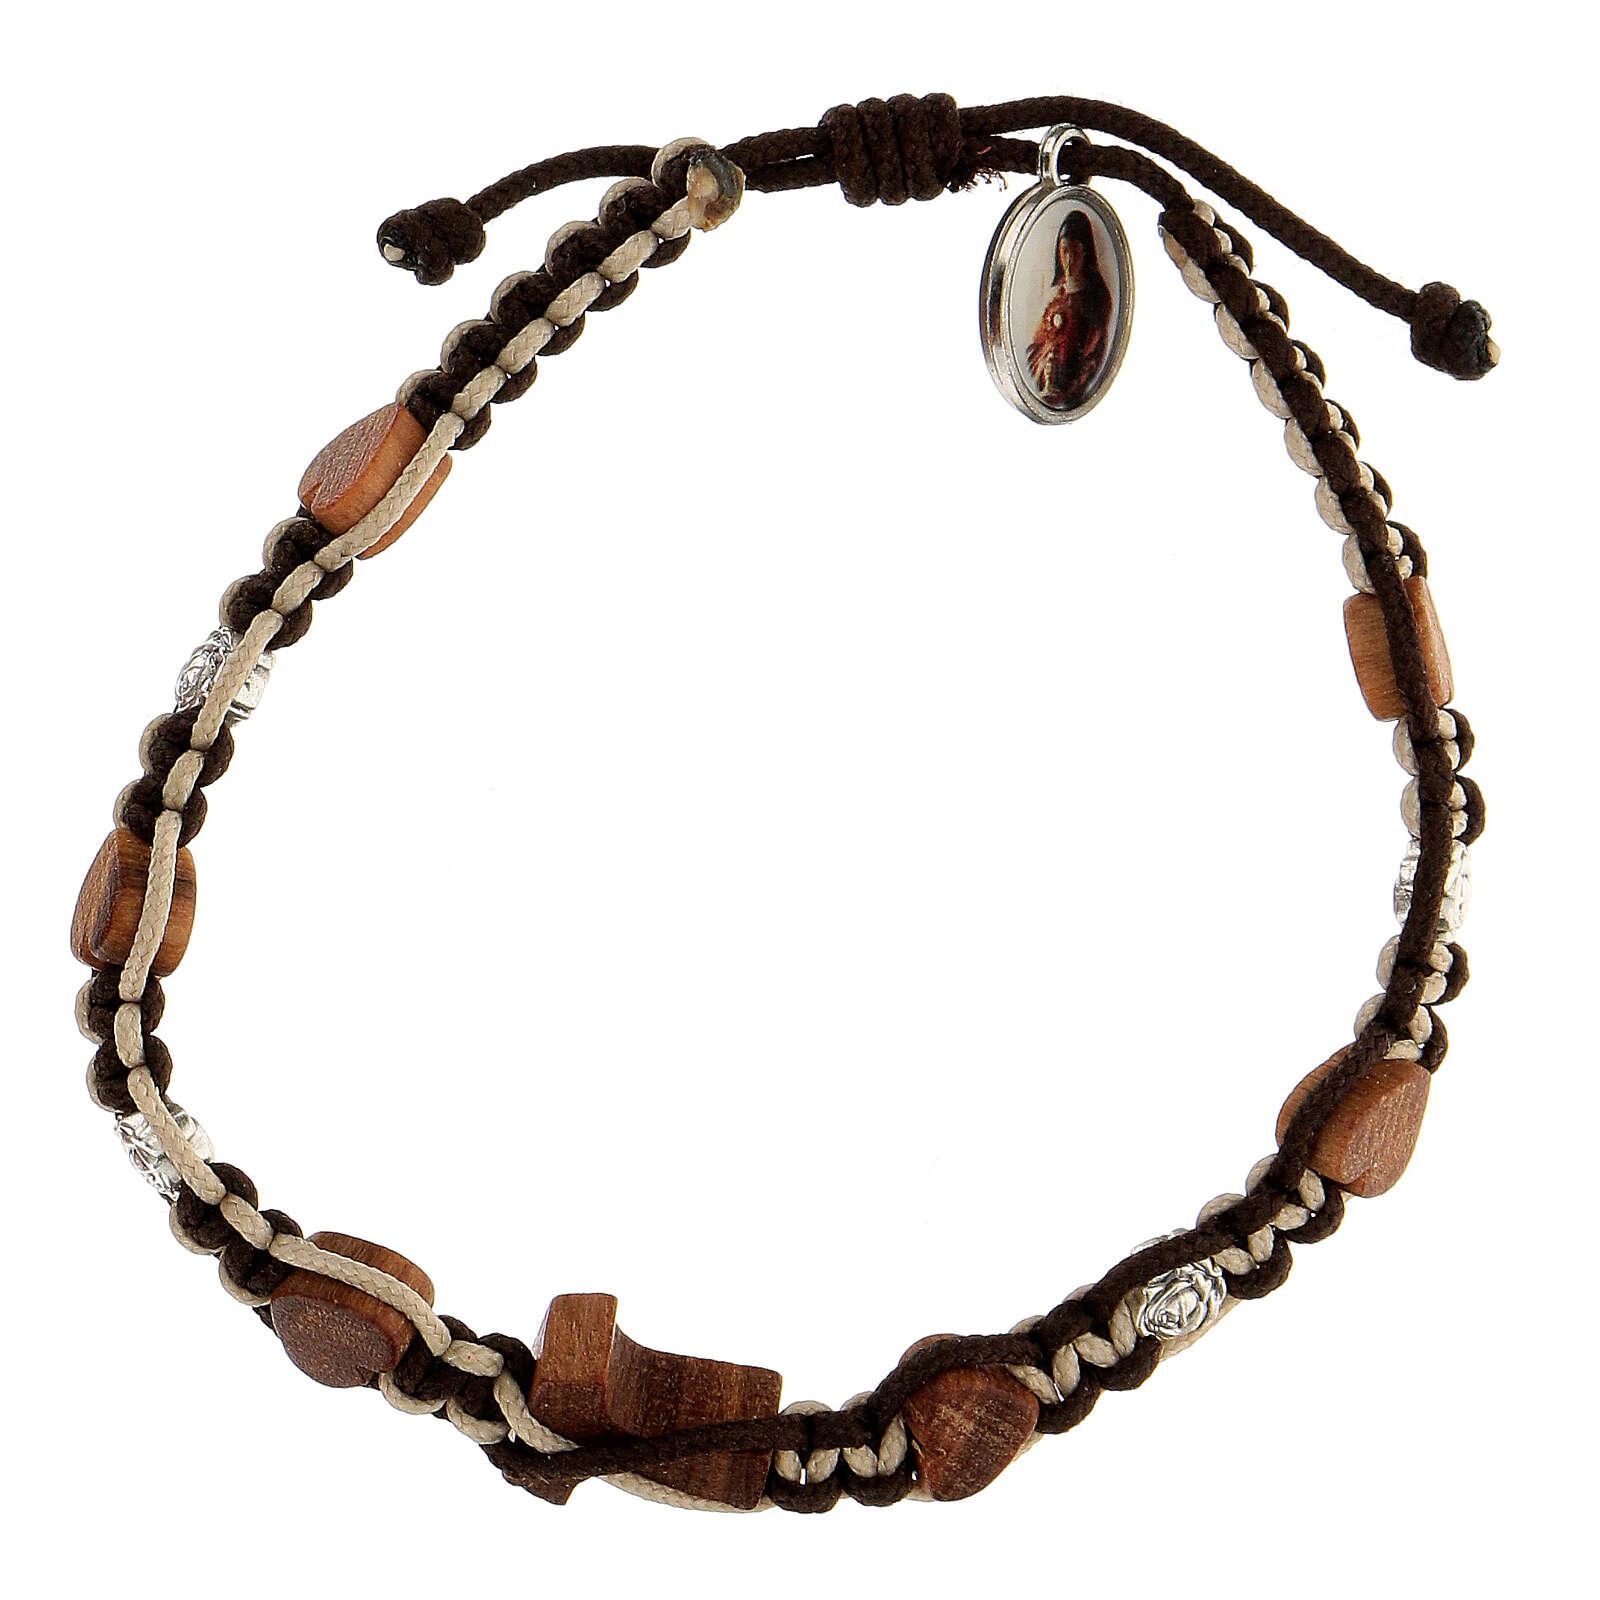 Bracelet Medjugorje coeurs tau bois olivier roses corde marron-beige 4